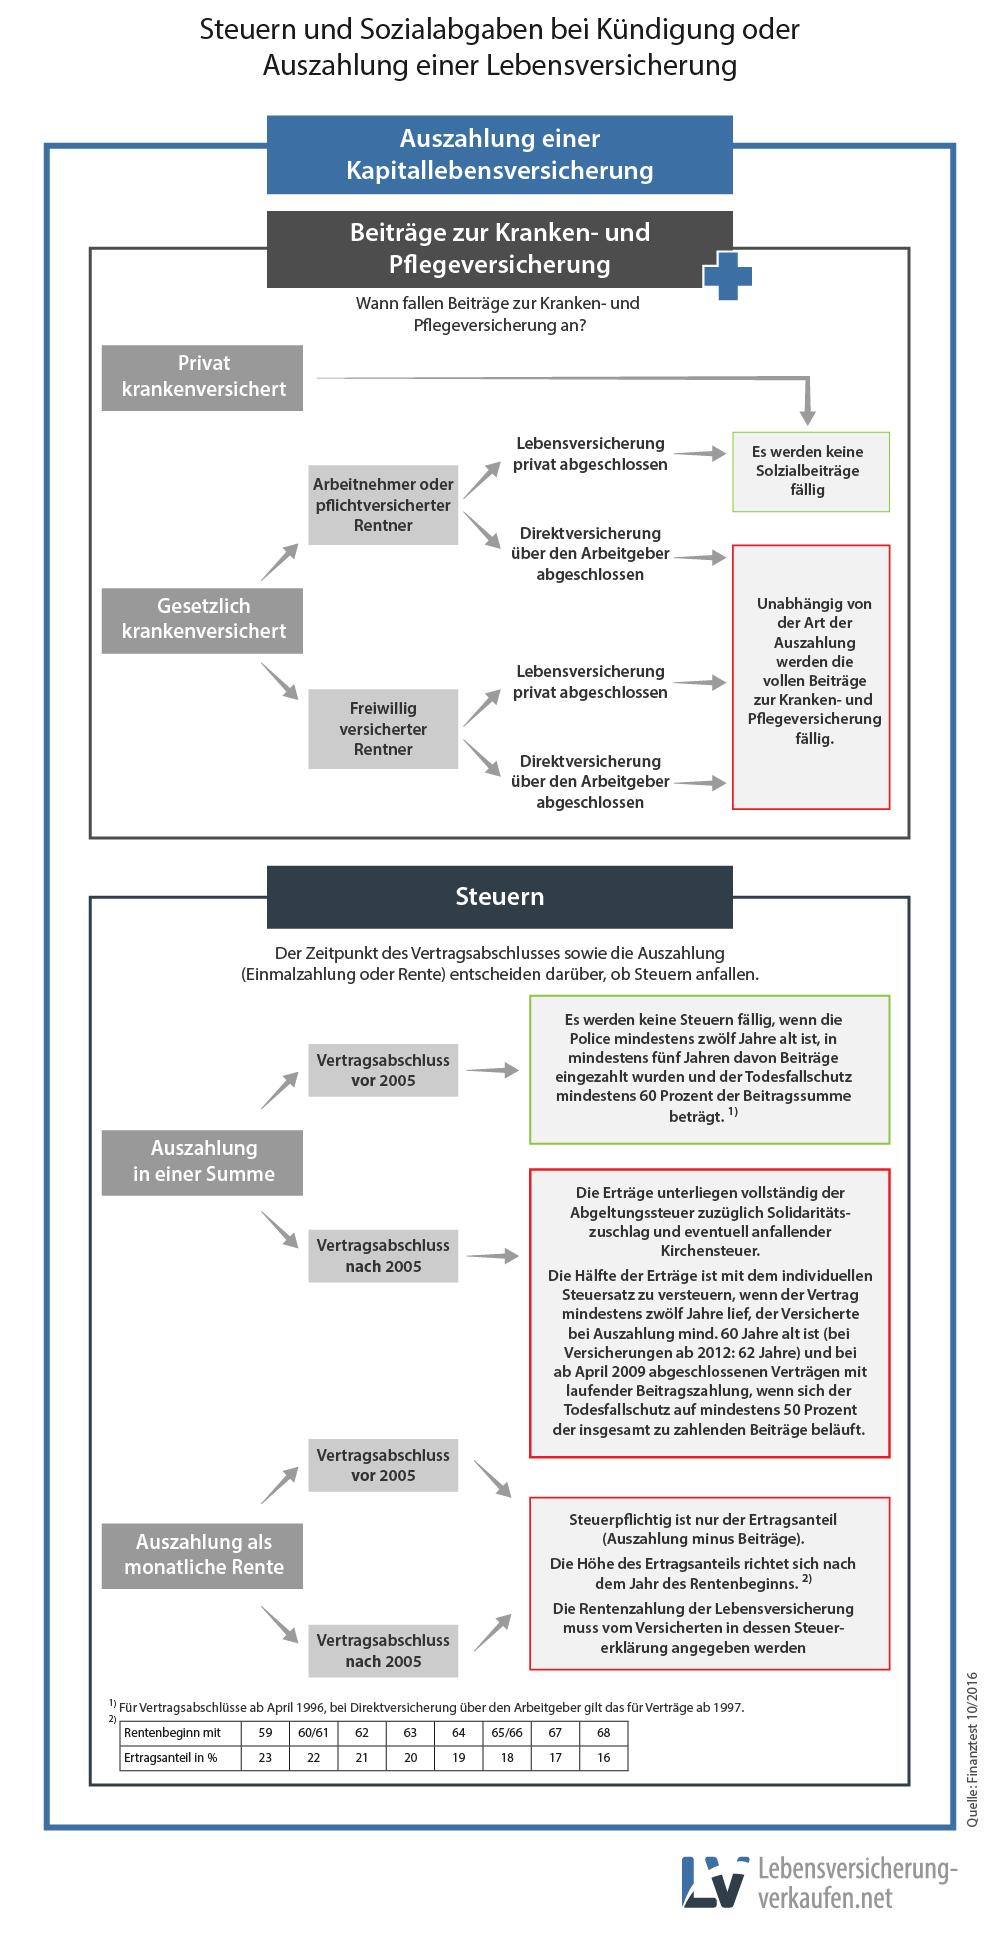 Infografik zu den Steuern und Abgaben, die bei Kündigung einer Lebensversicherung fällig werden